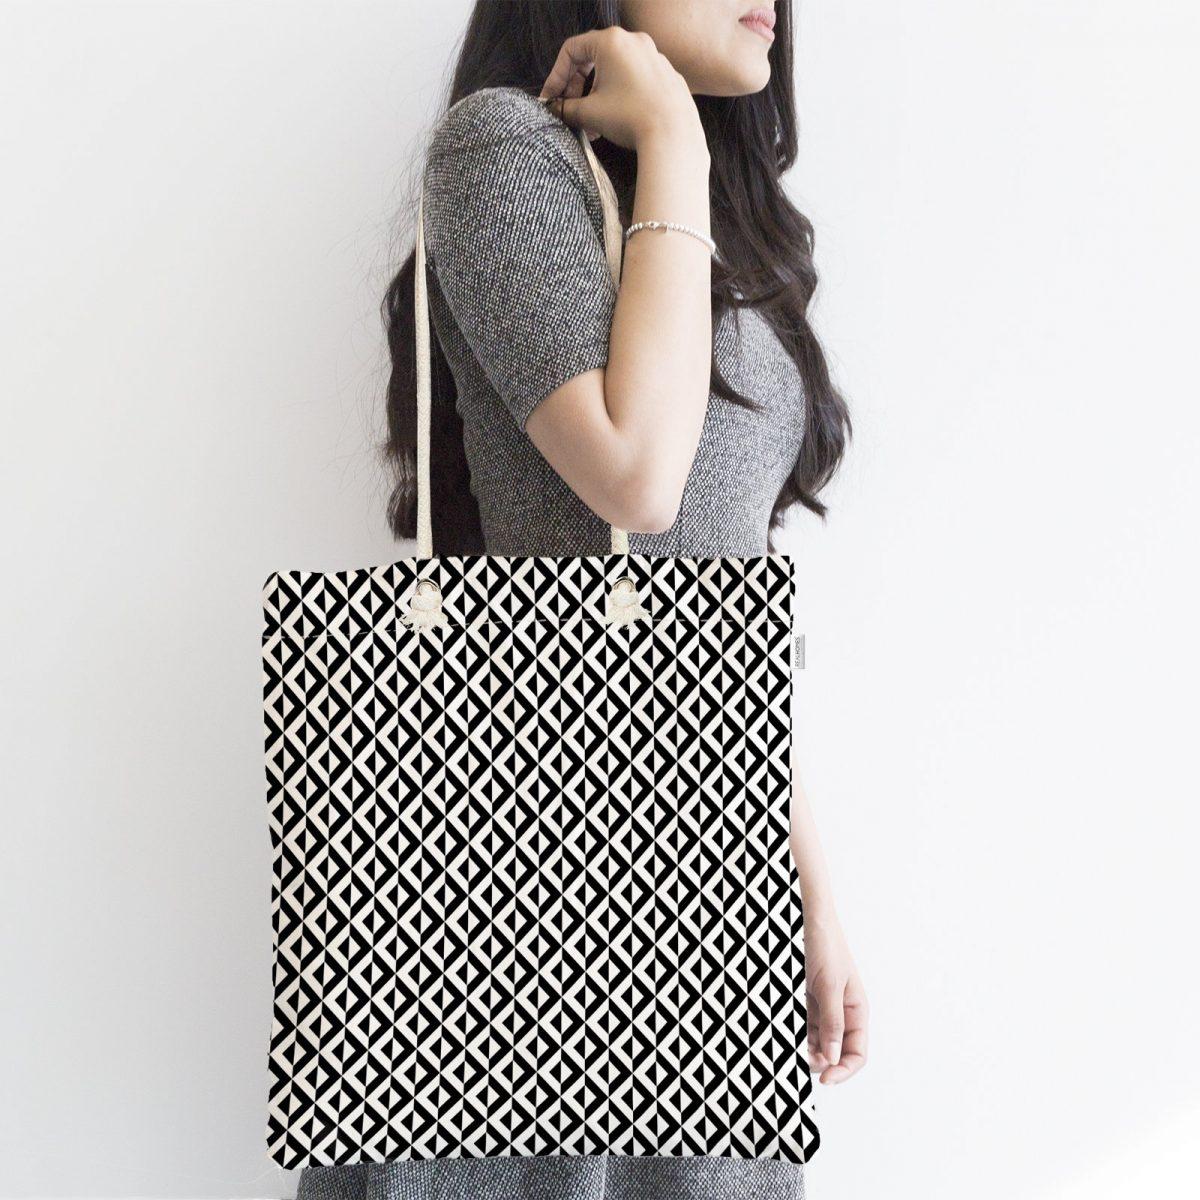 Siyah Beyaz Üçgen Geometrik Desenli Dijital Baskılı Fermuarlı Kumaş Çanta Realhomes